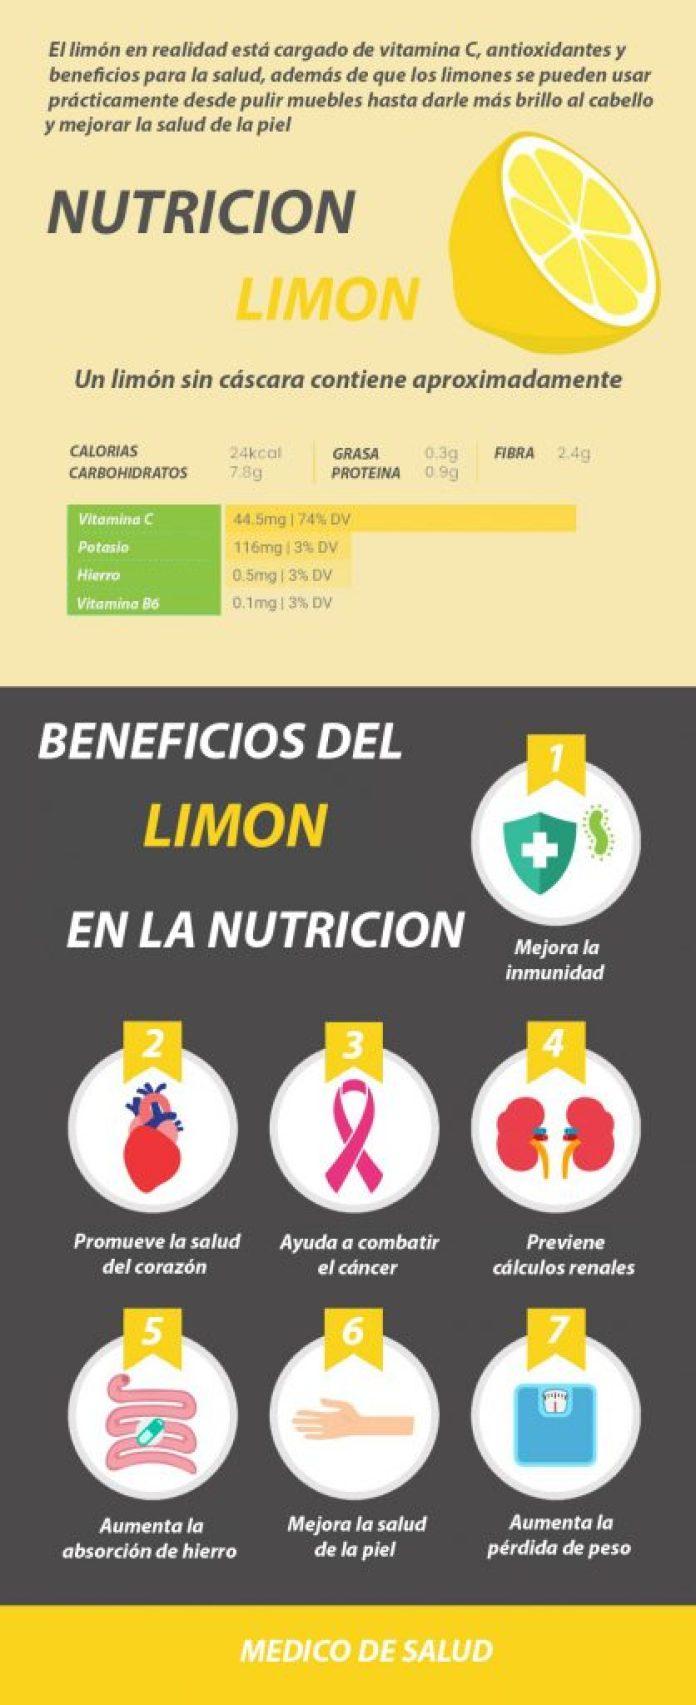 Limon: Los 7 mejores beneficios de la nutrición limon: los 7 mejores beneficios de la nutrición Limon: Los 7 mejores beneficios de la nutrición LemonNutrition LongGraphic